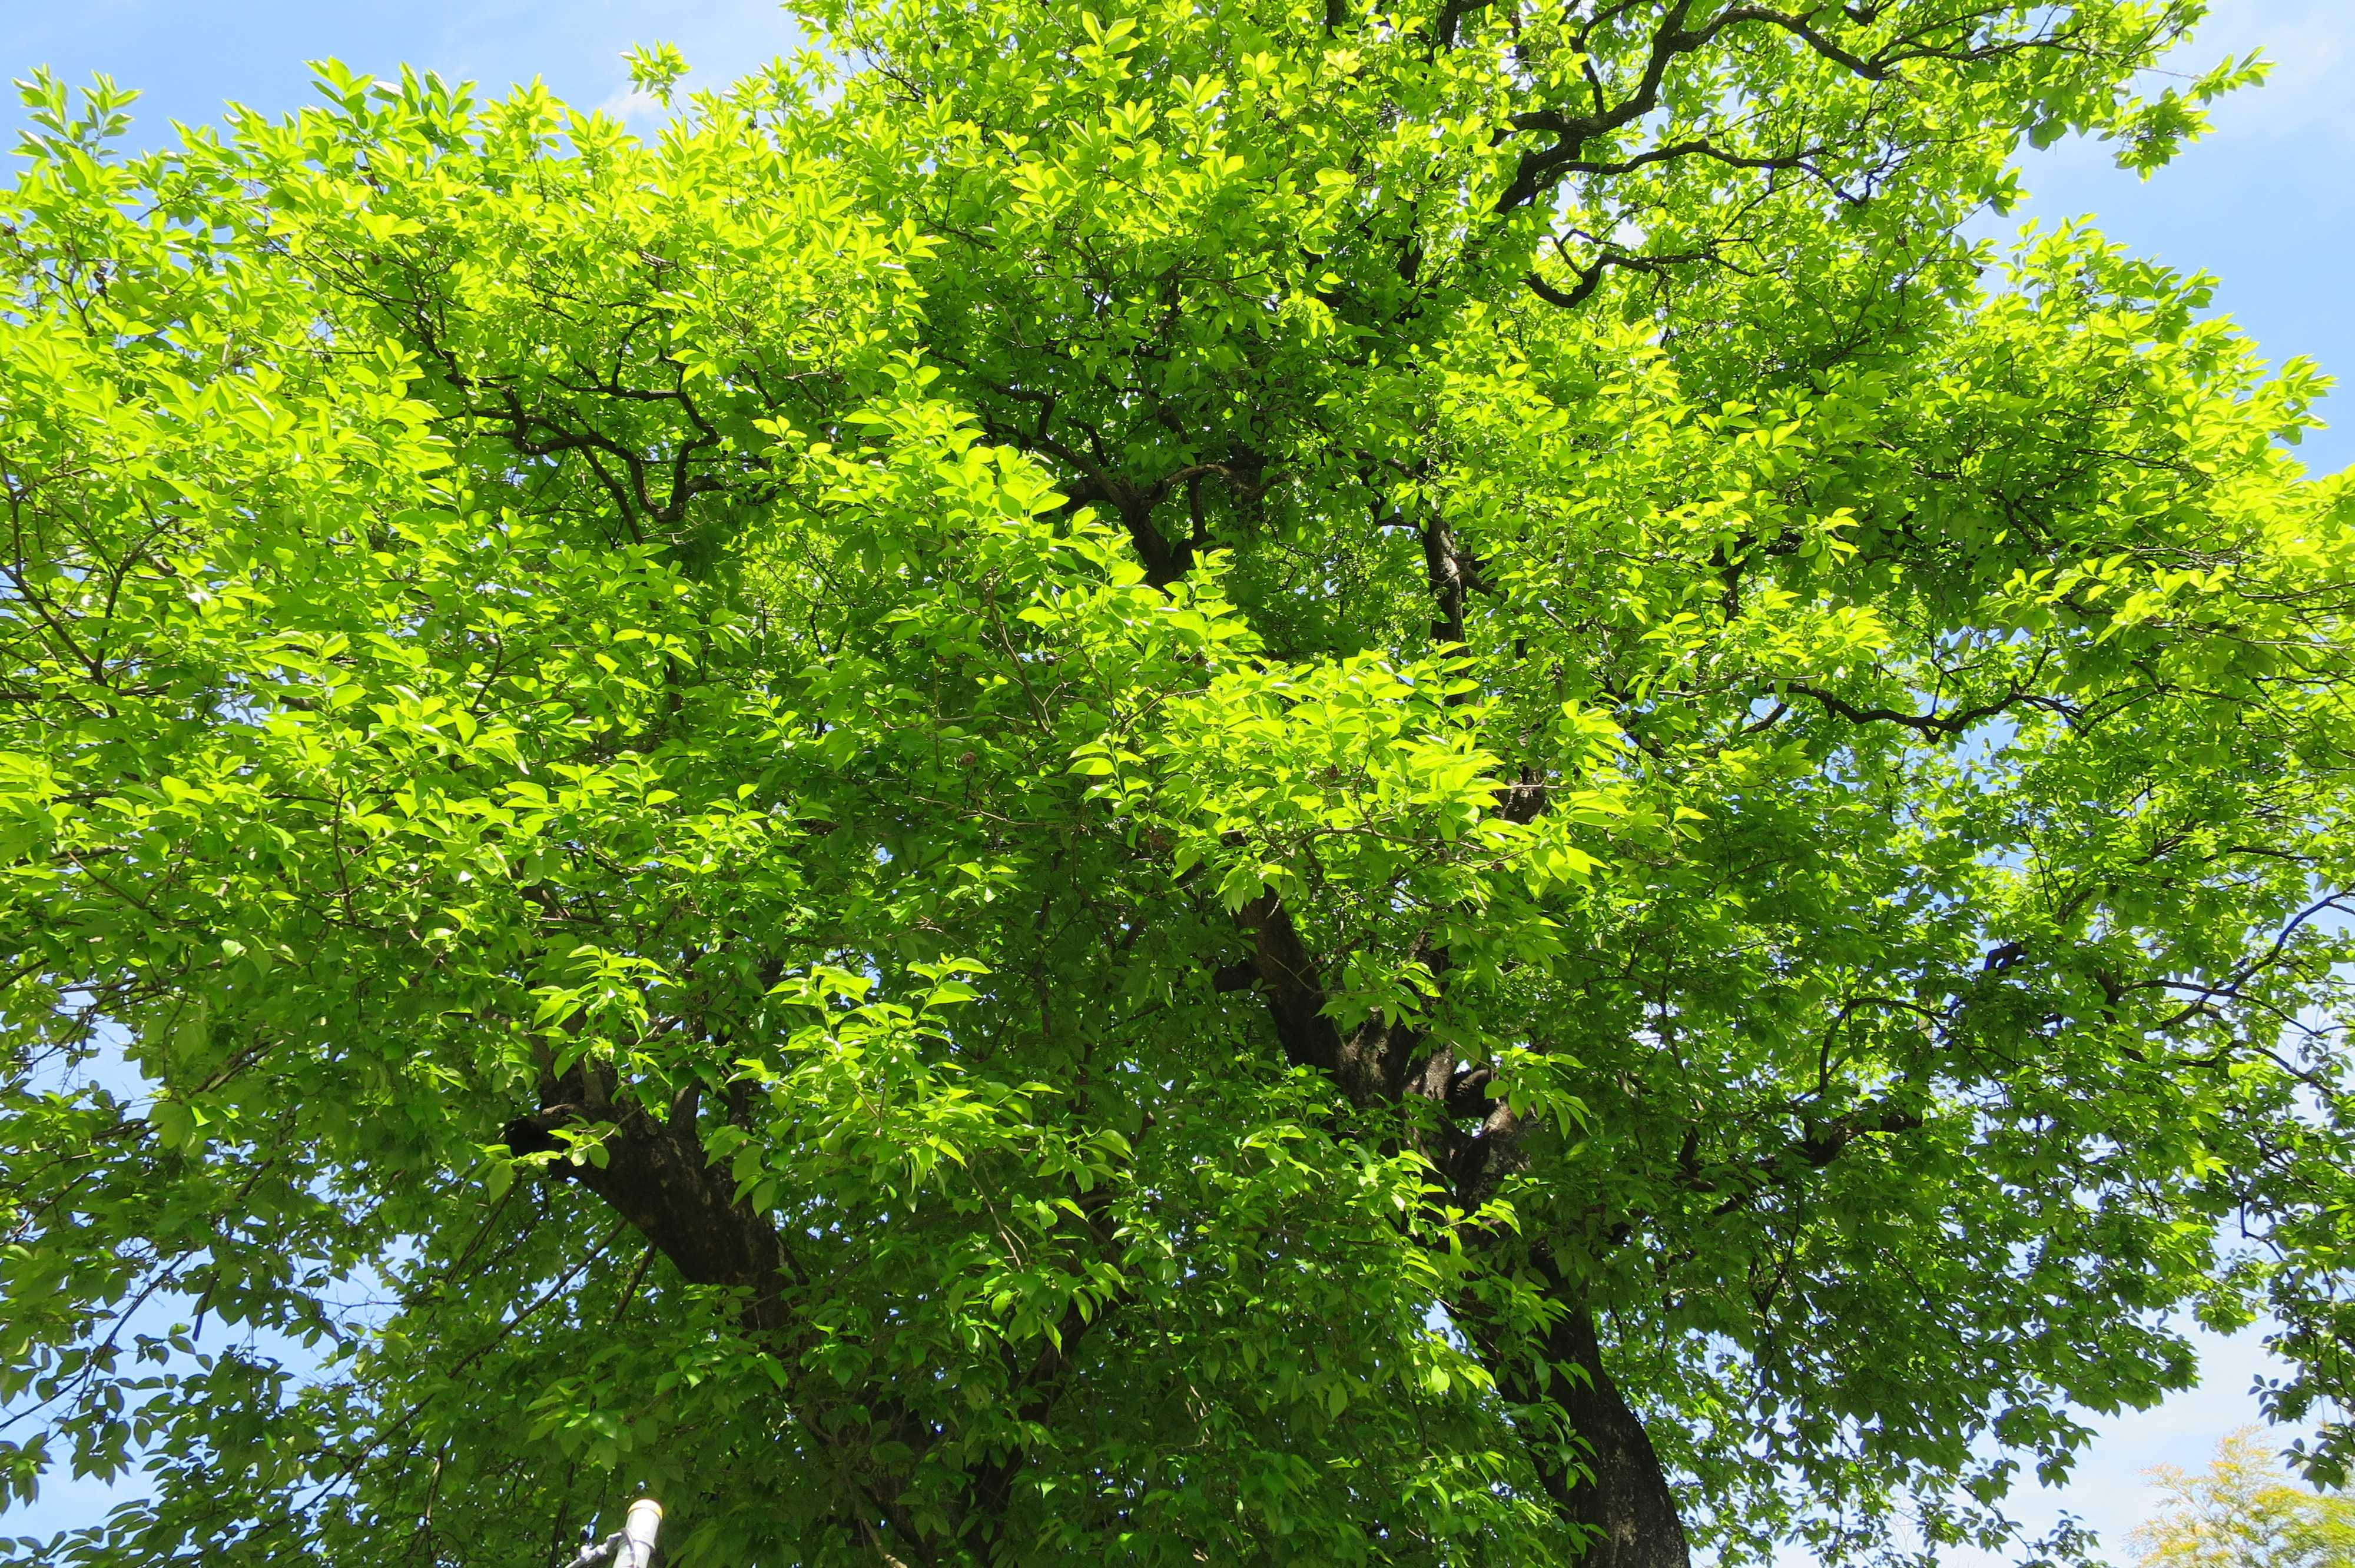 岡上の禅寺丸柿の木(カキノキ)の柿若葉